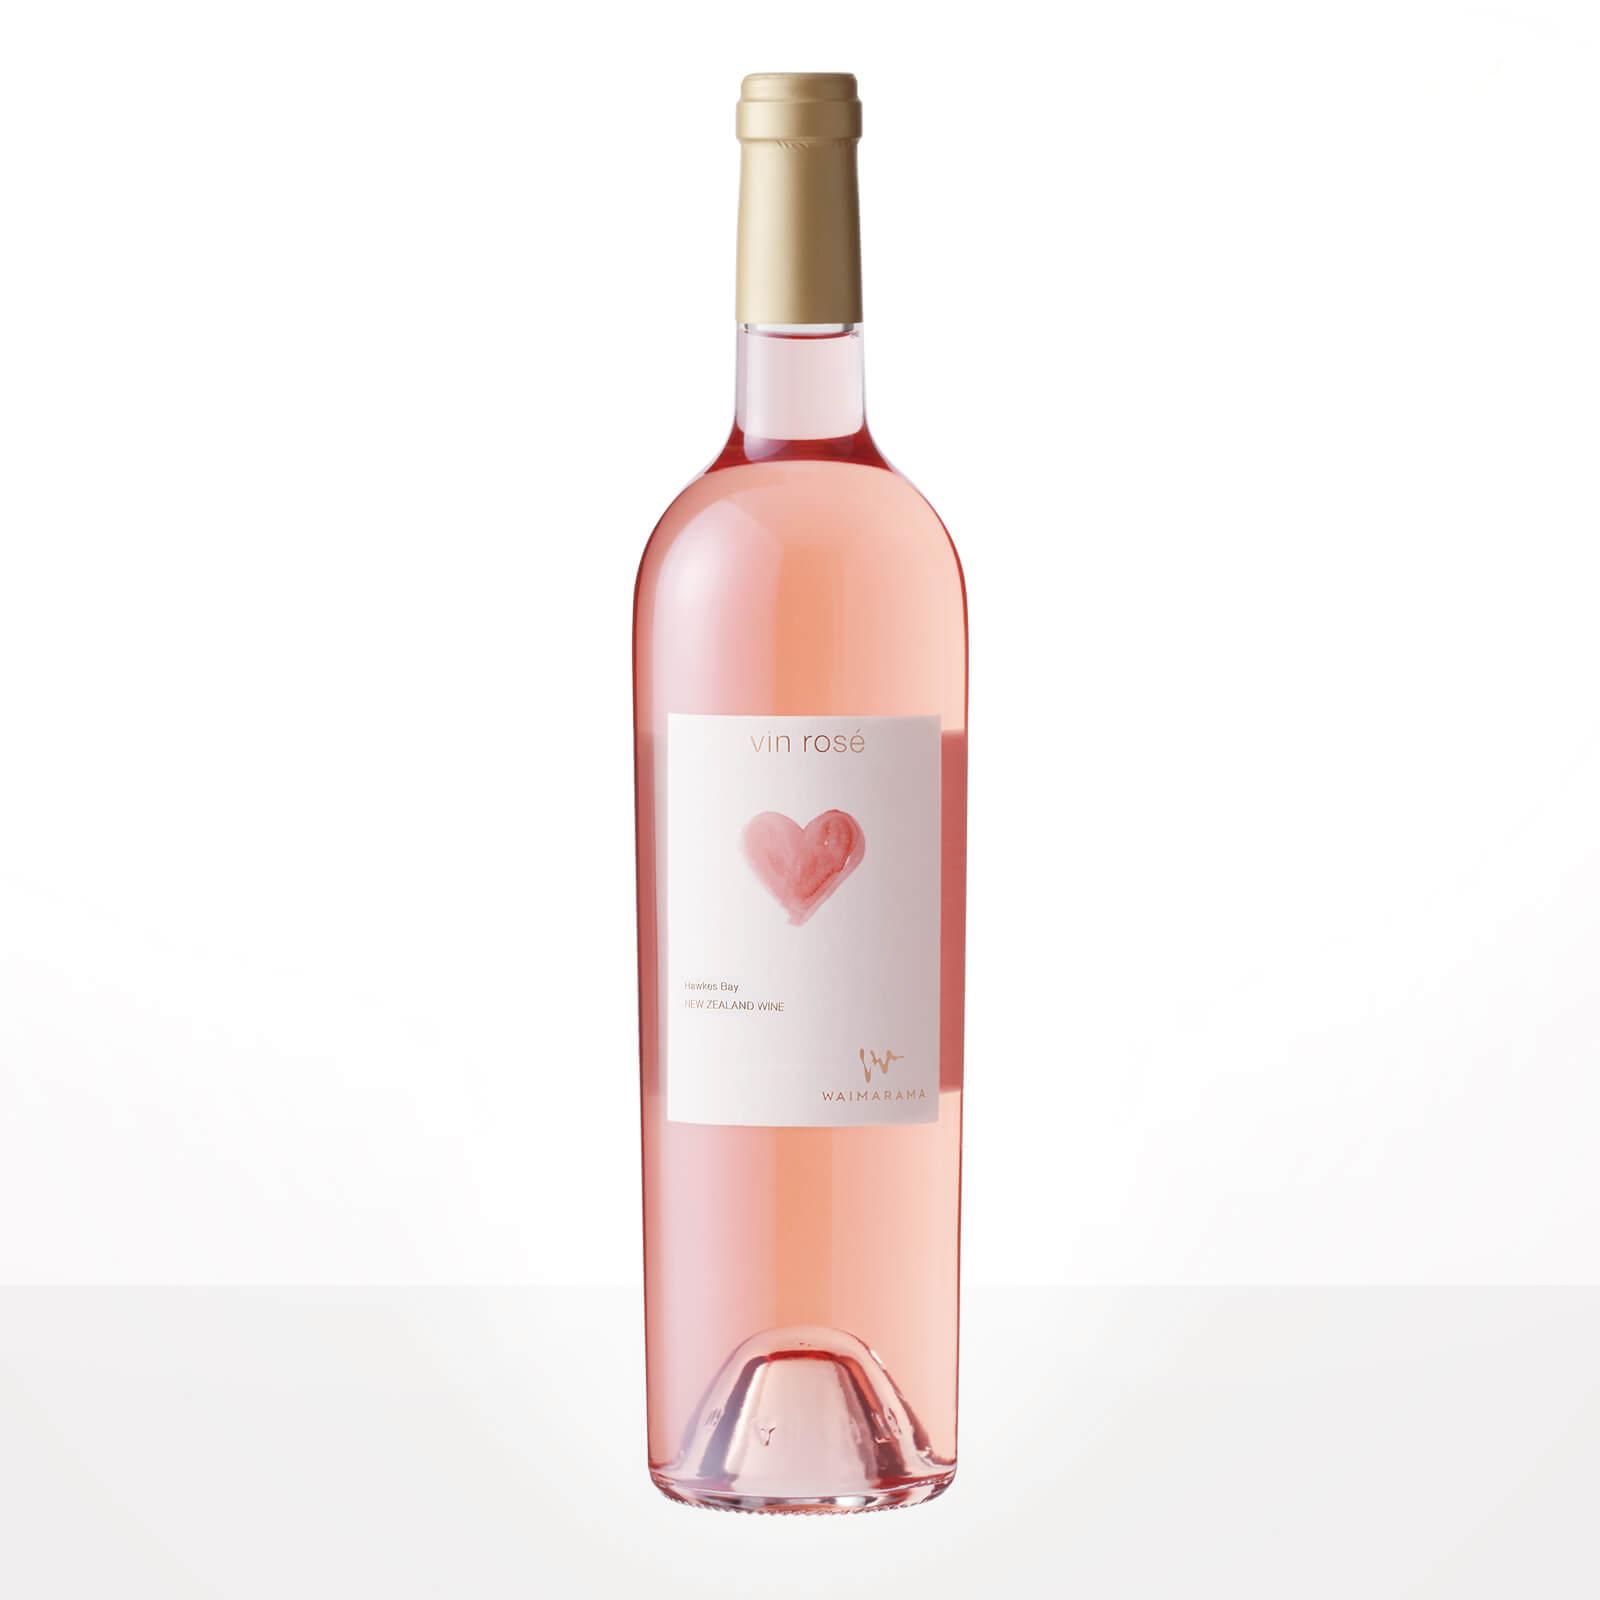 画像1: vin rose HEART 2020 750ml (1)